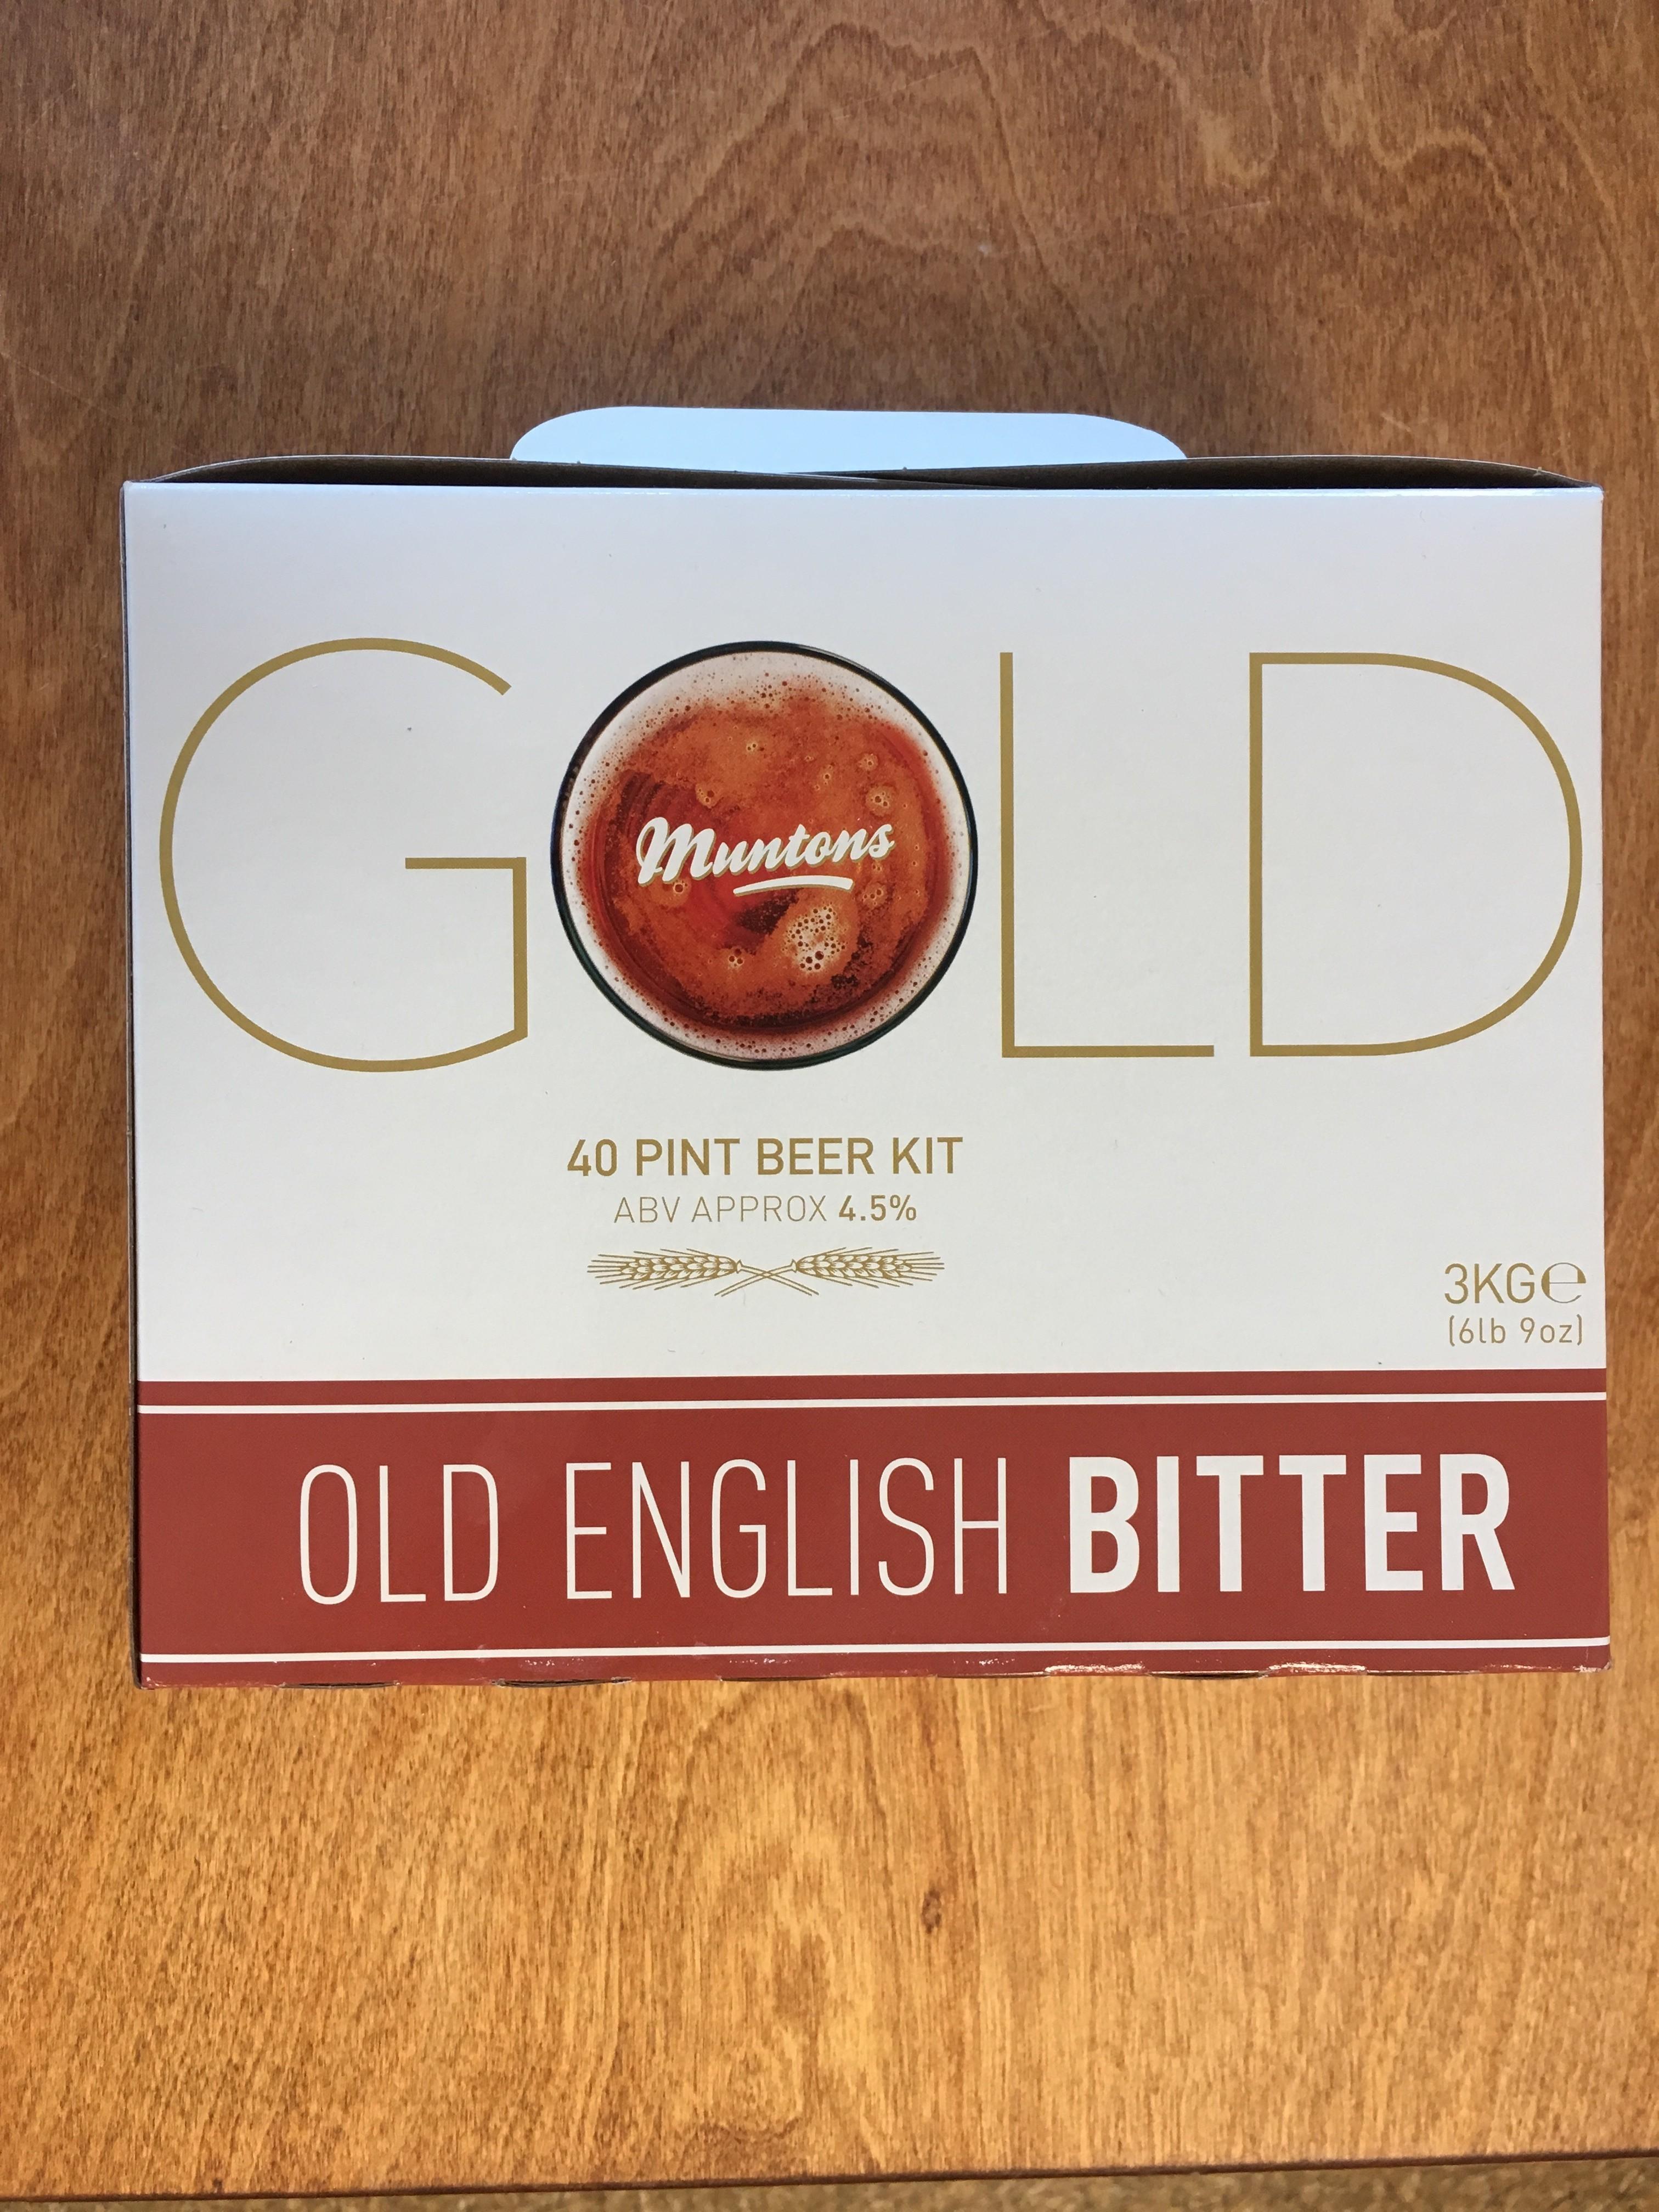 Muntons Gold Old English Bitter 3kg